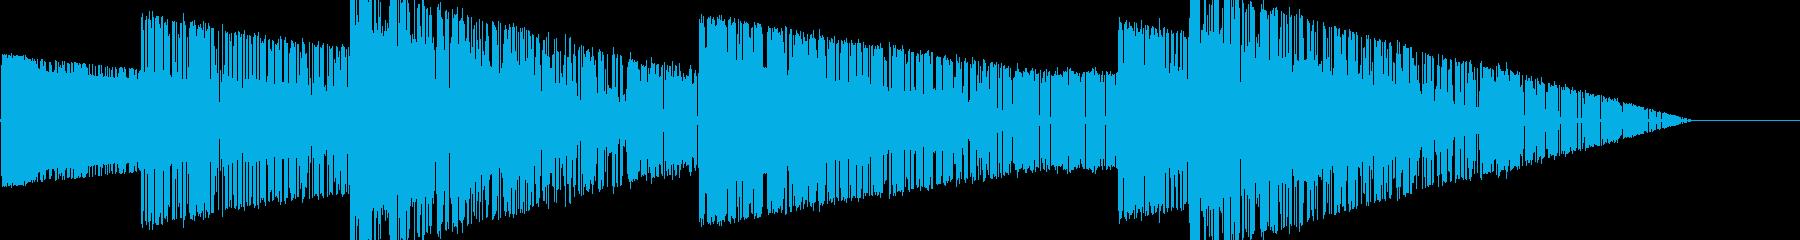 レトロゲーム風魔法・地属性・土系3の再生済みの波形